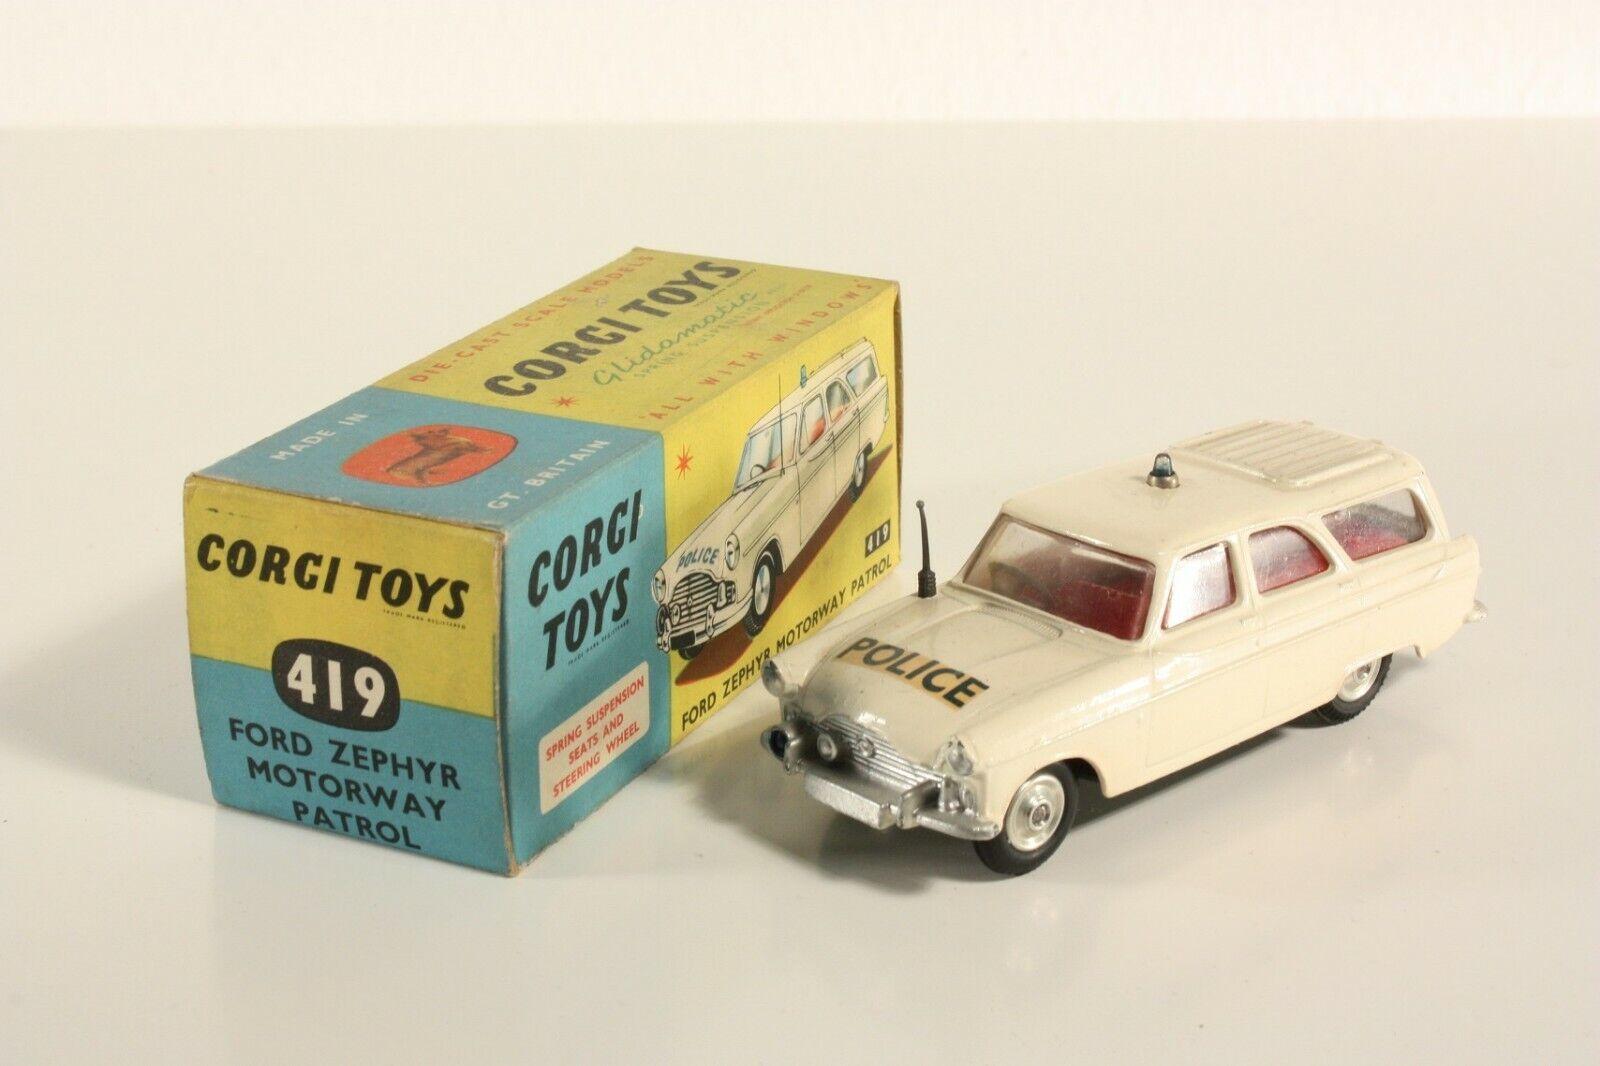 Corgi Toys 419, Ford Zephyr Motorway Patrol, Mint in Box  ab2182